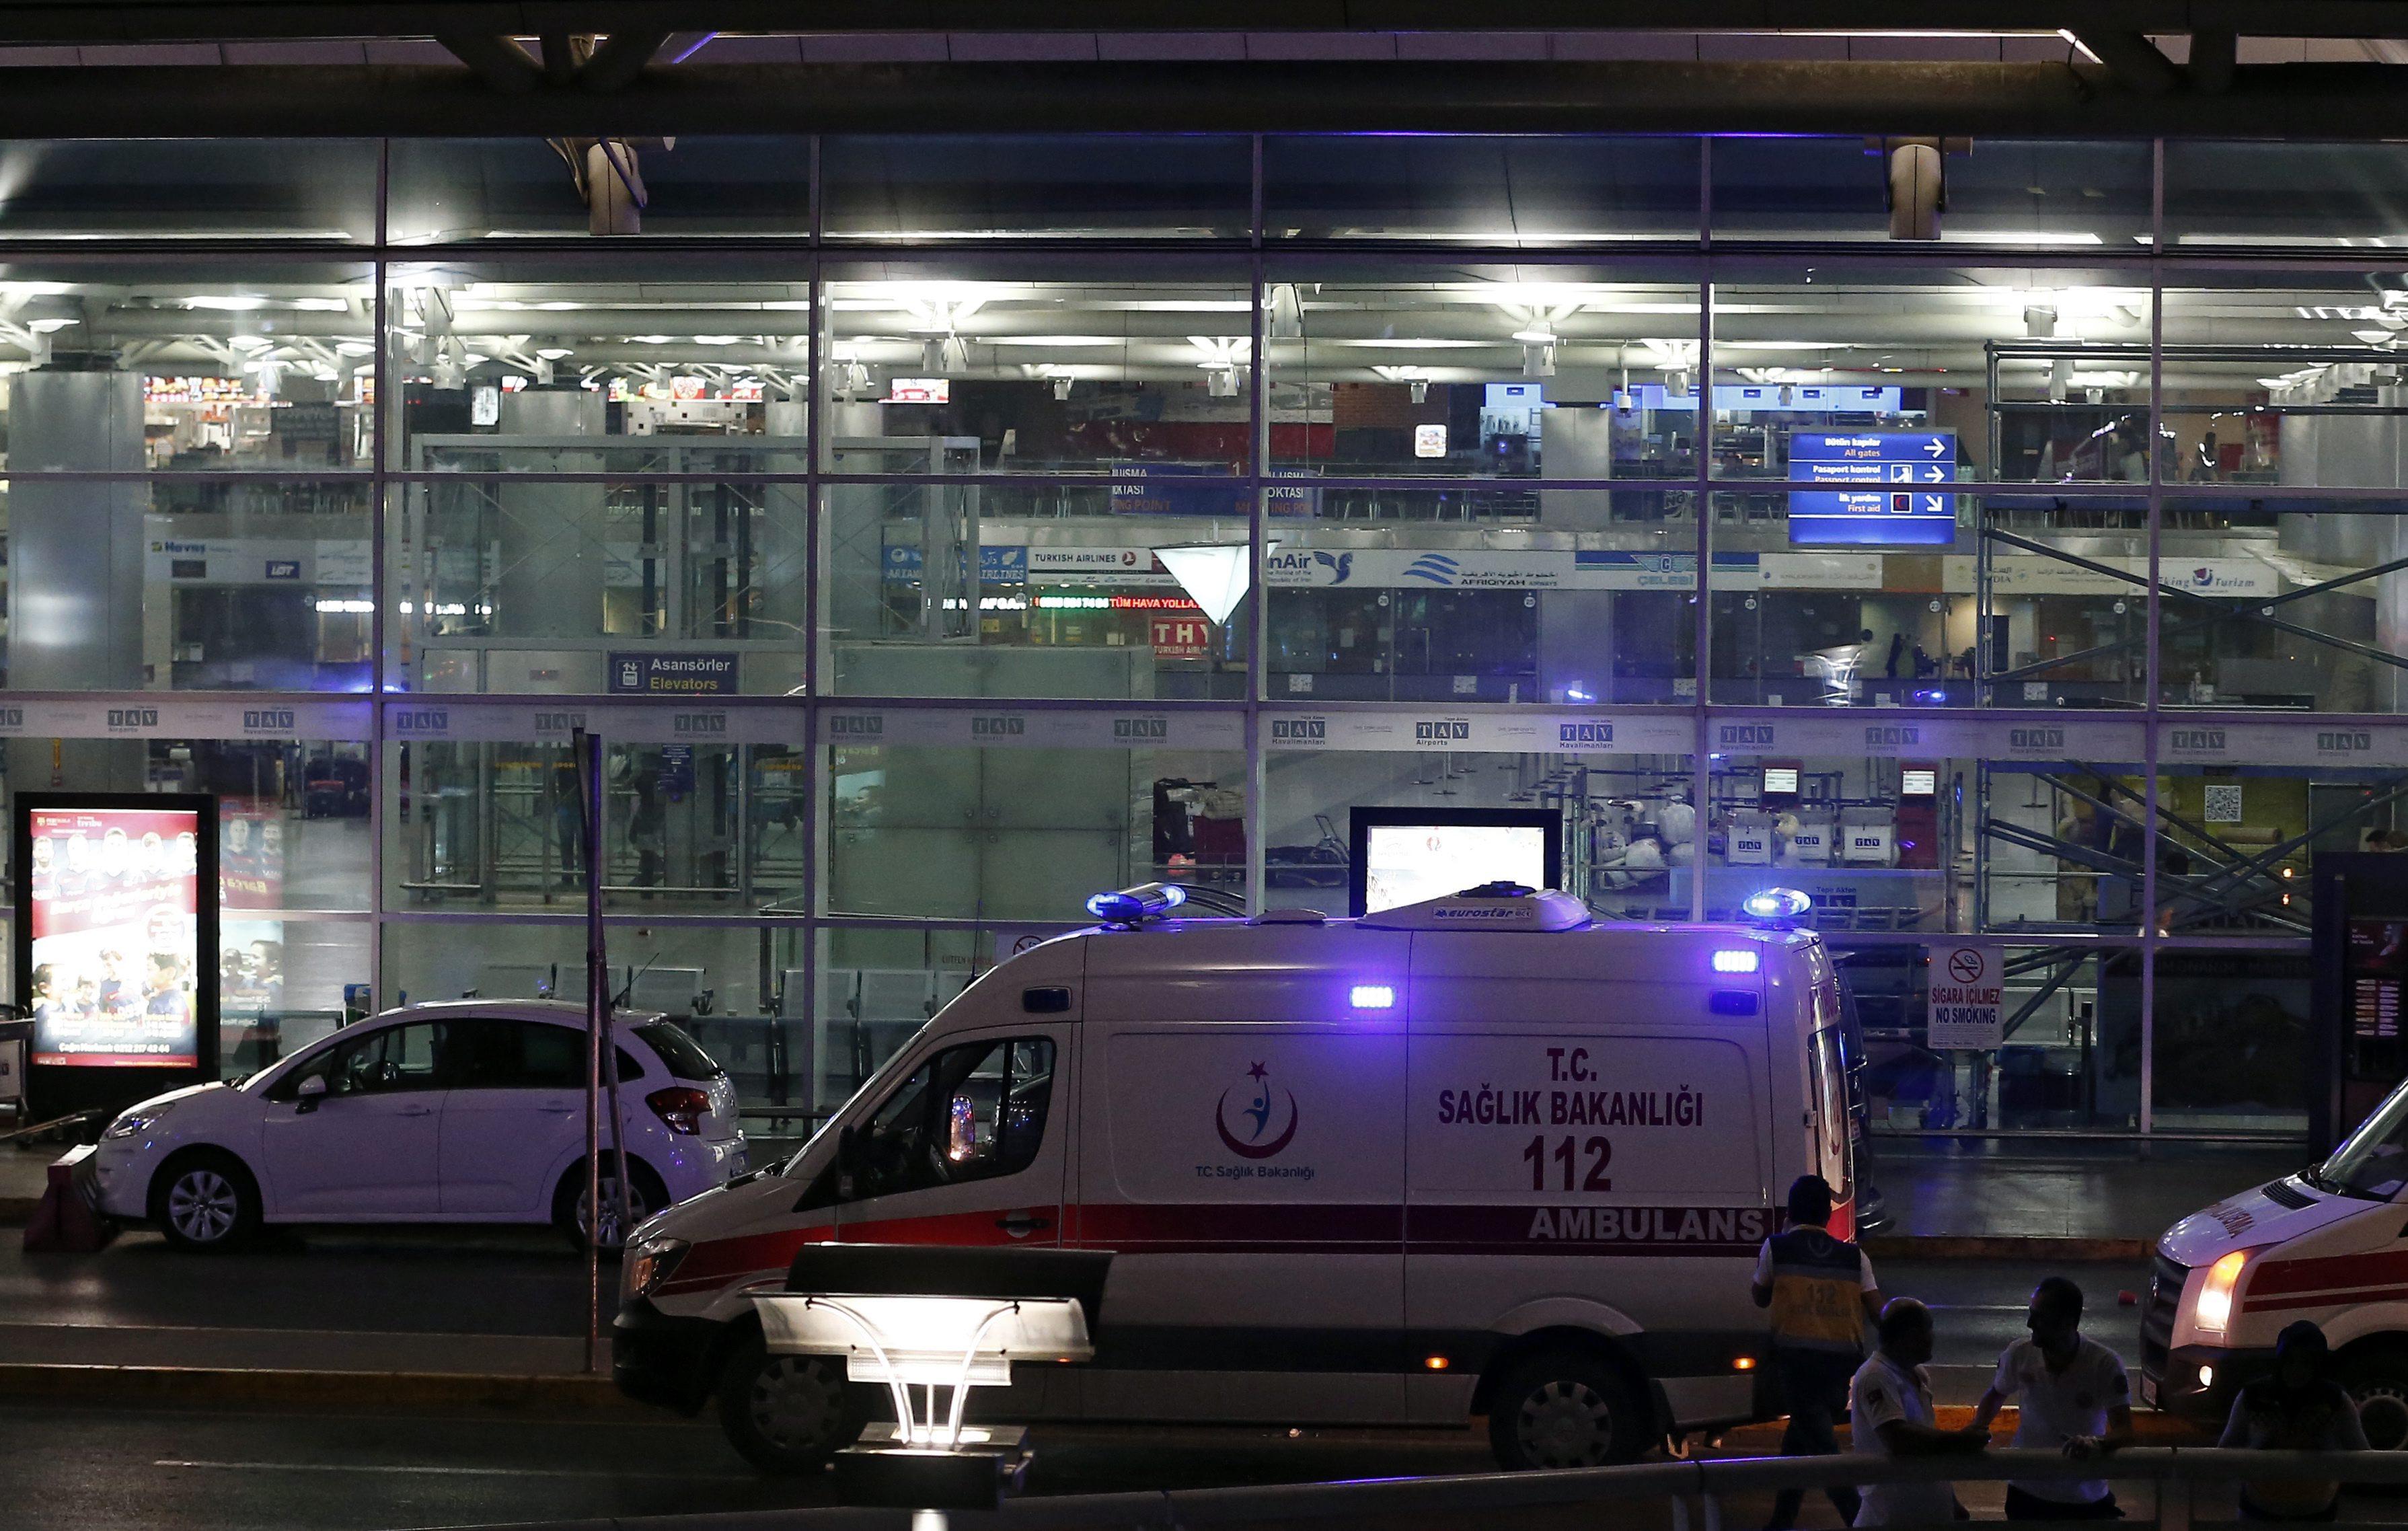 Най-малко 10 души са убити, а други 20 са ранени, след атака срещу основното летище на най-големия град в Турция. Взривовете са предизвикани от двама атентатори самоубийци.